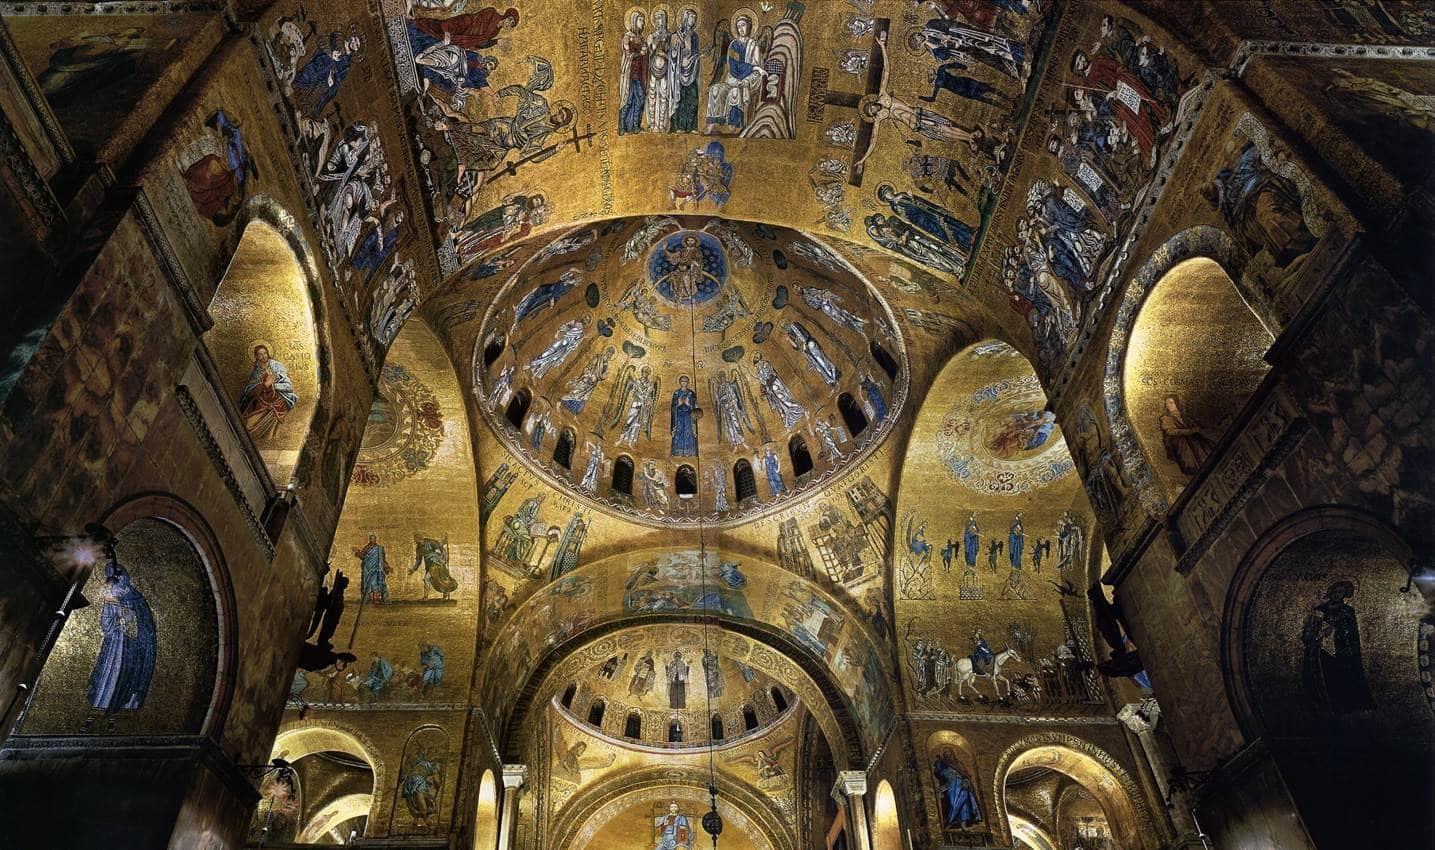 Bazilica San Marco, interior